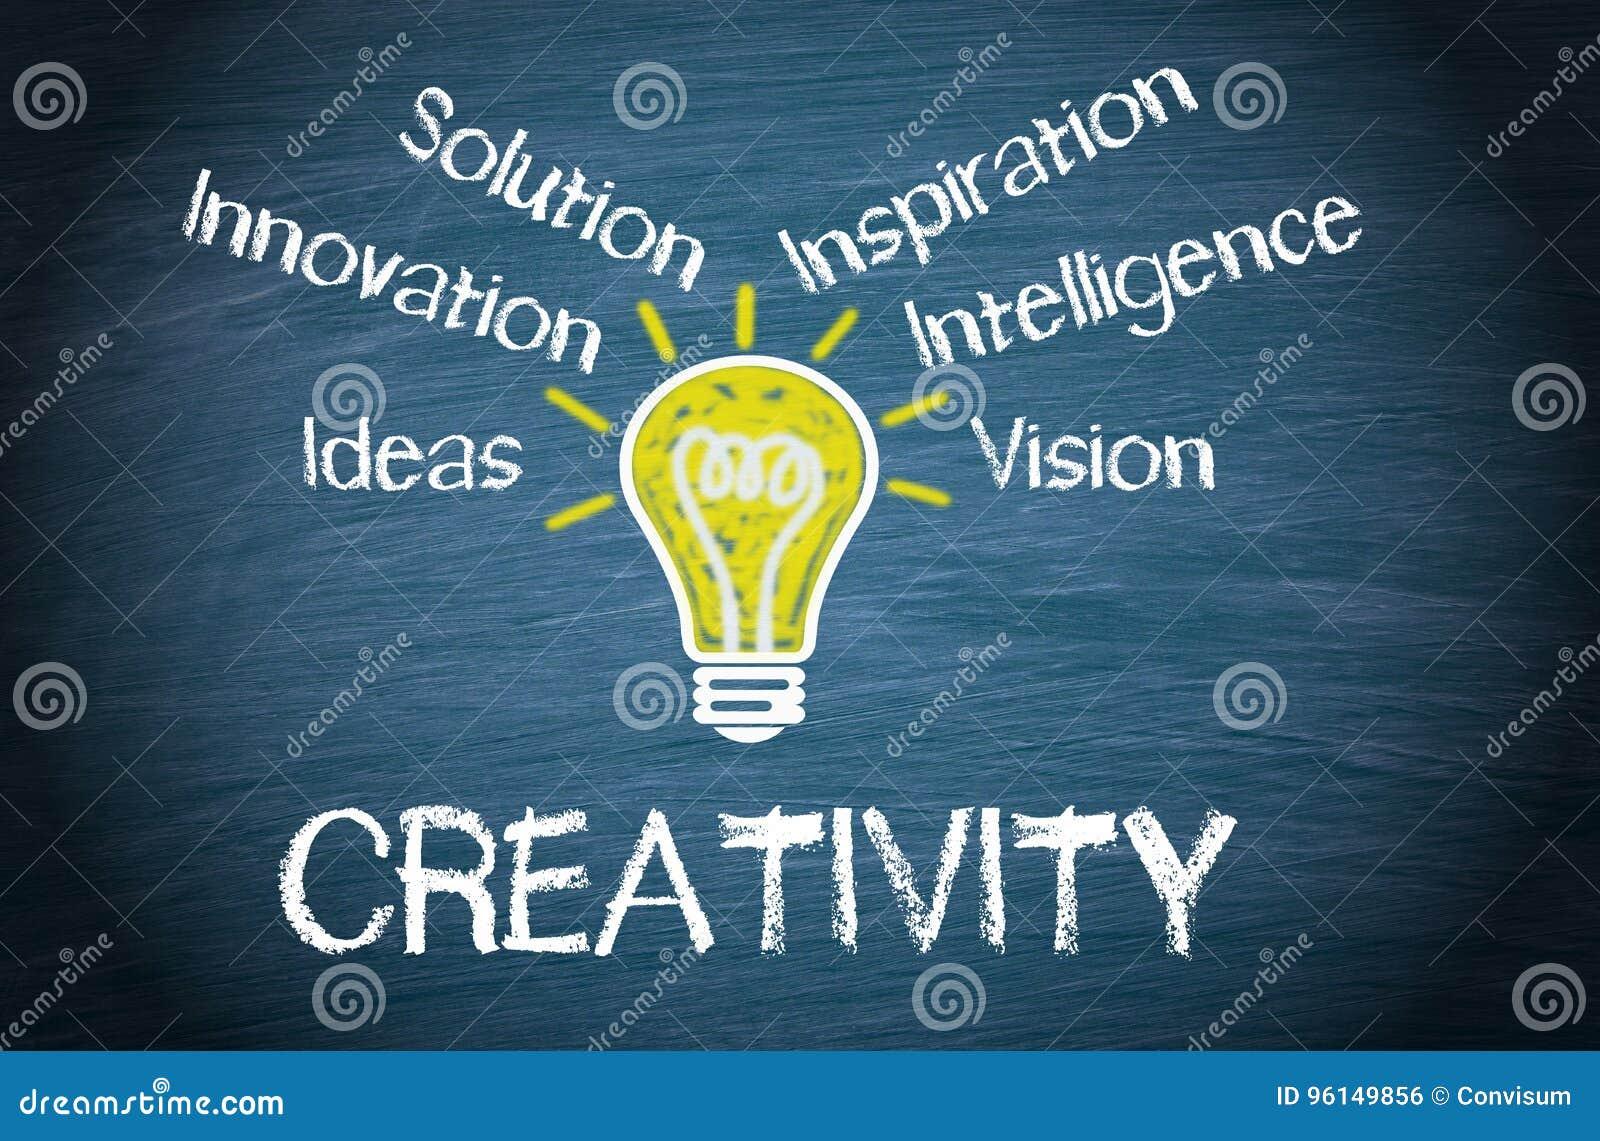 Creativiteitconcept met gloeilamp en tekst